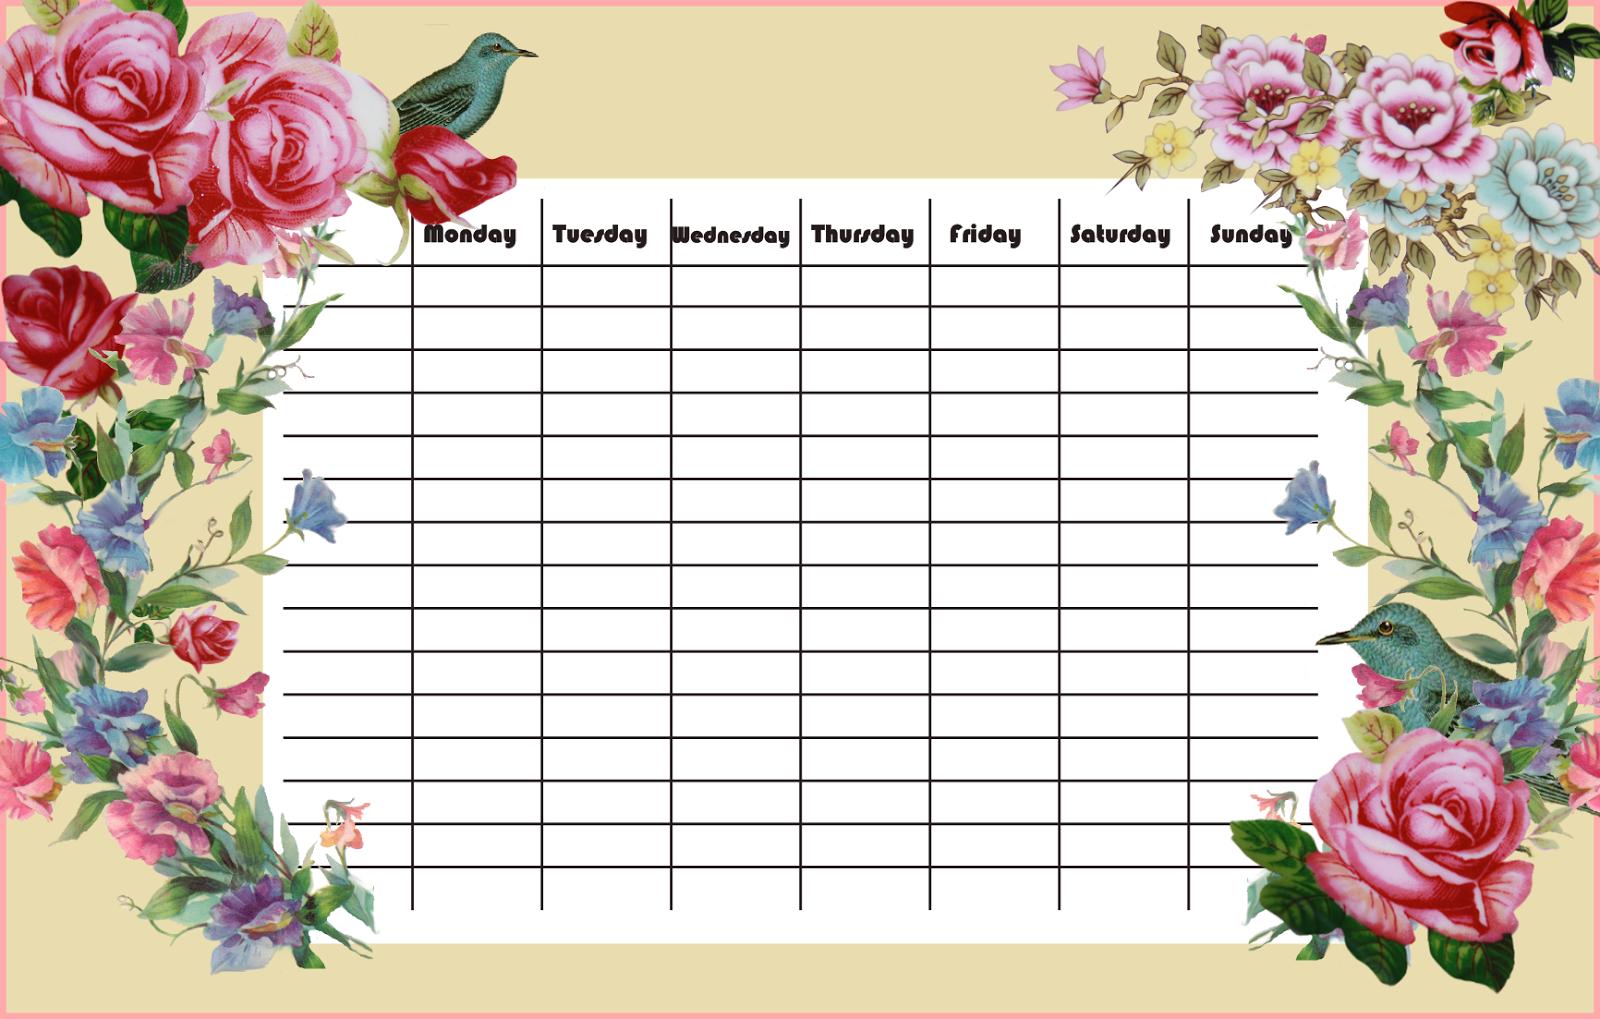 FREE printable joyous weekly planner in vintage style | Printables ...